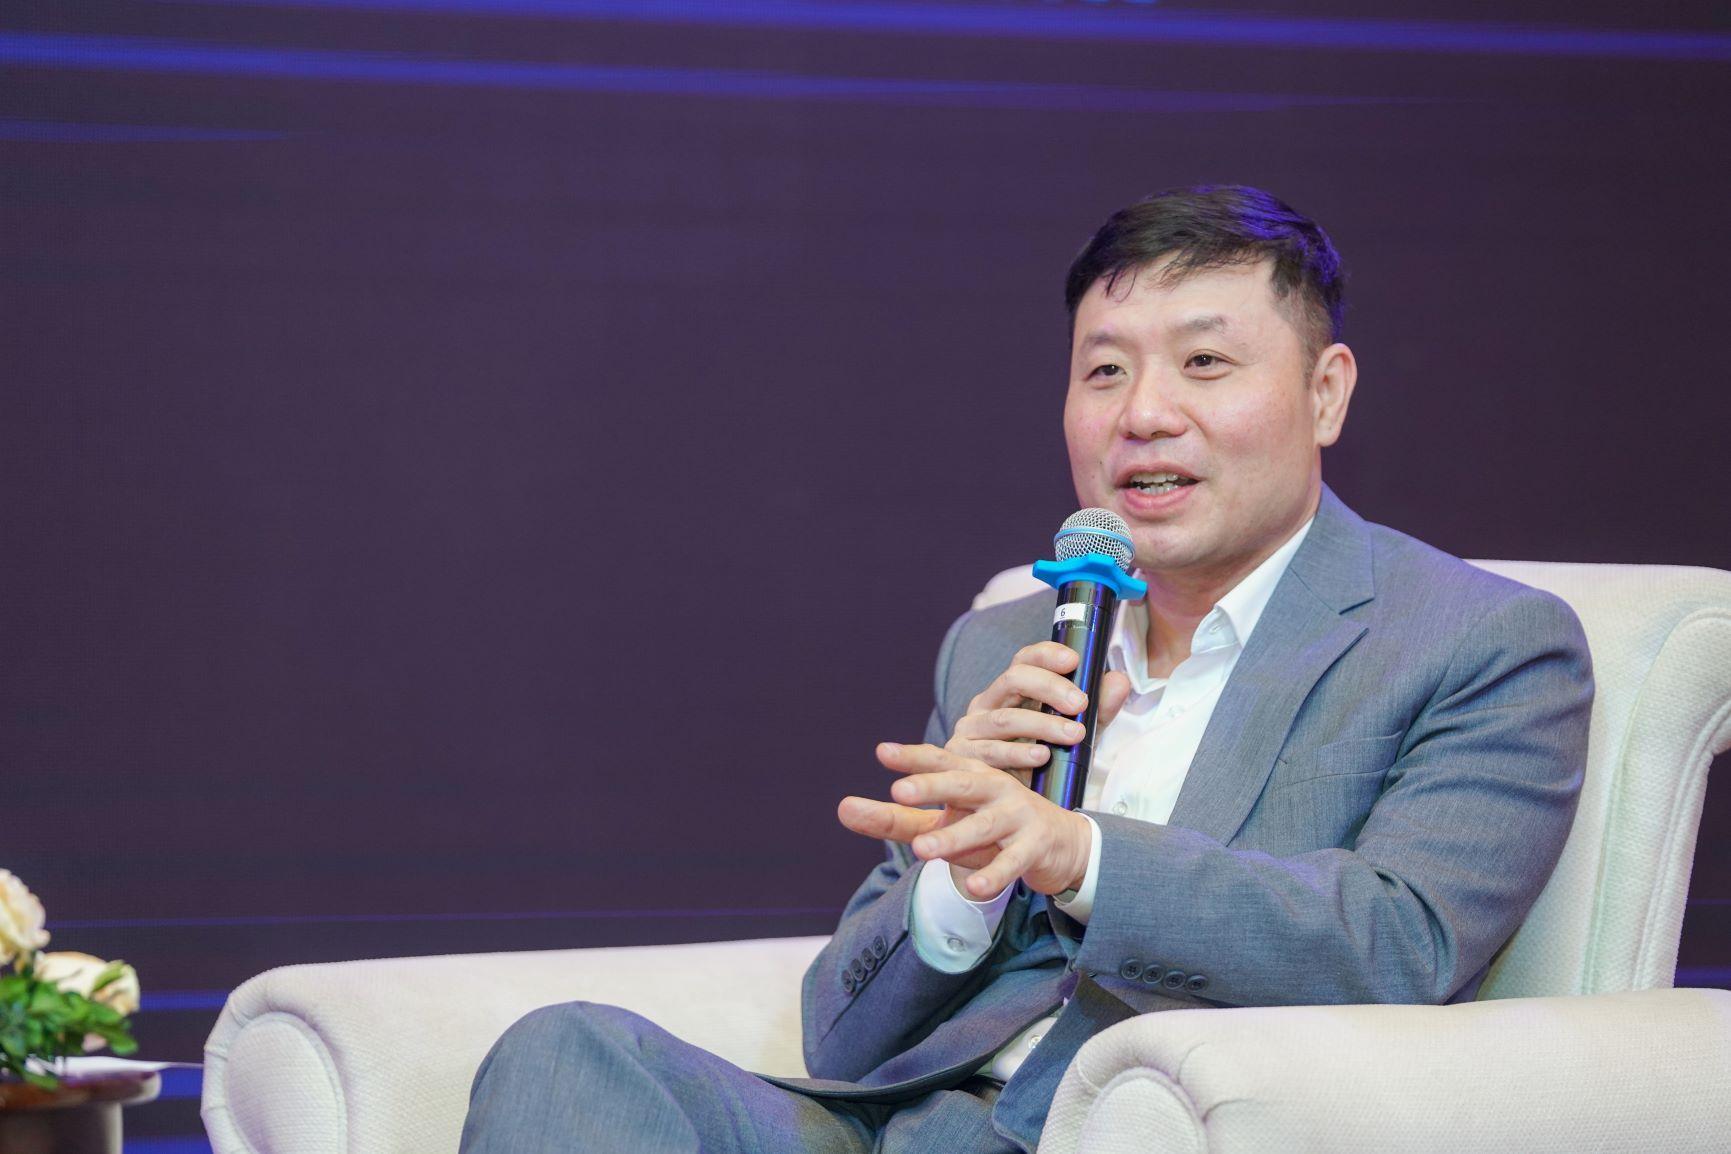 Giáo sư Vũ Hà Văn: 'Xác suất thống kê là nền tảng của khoa học dữ liệu' - Ảnh 1.